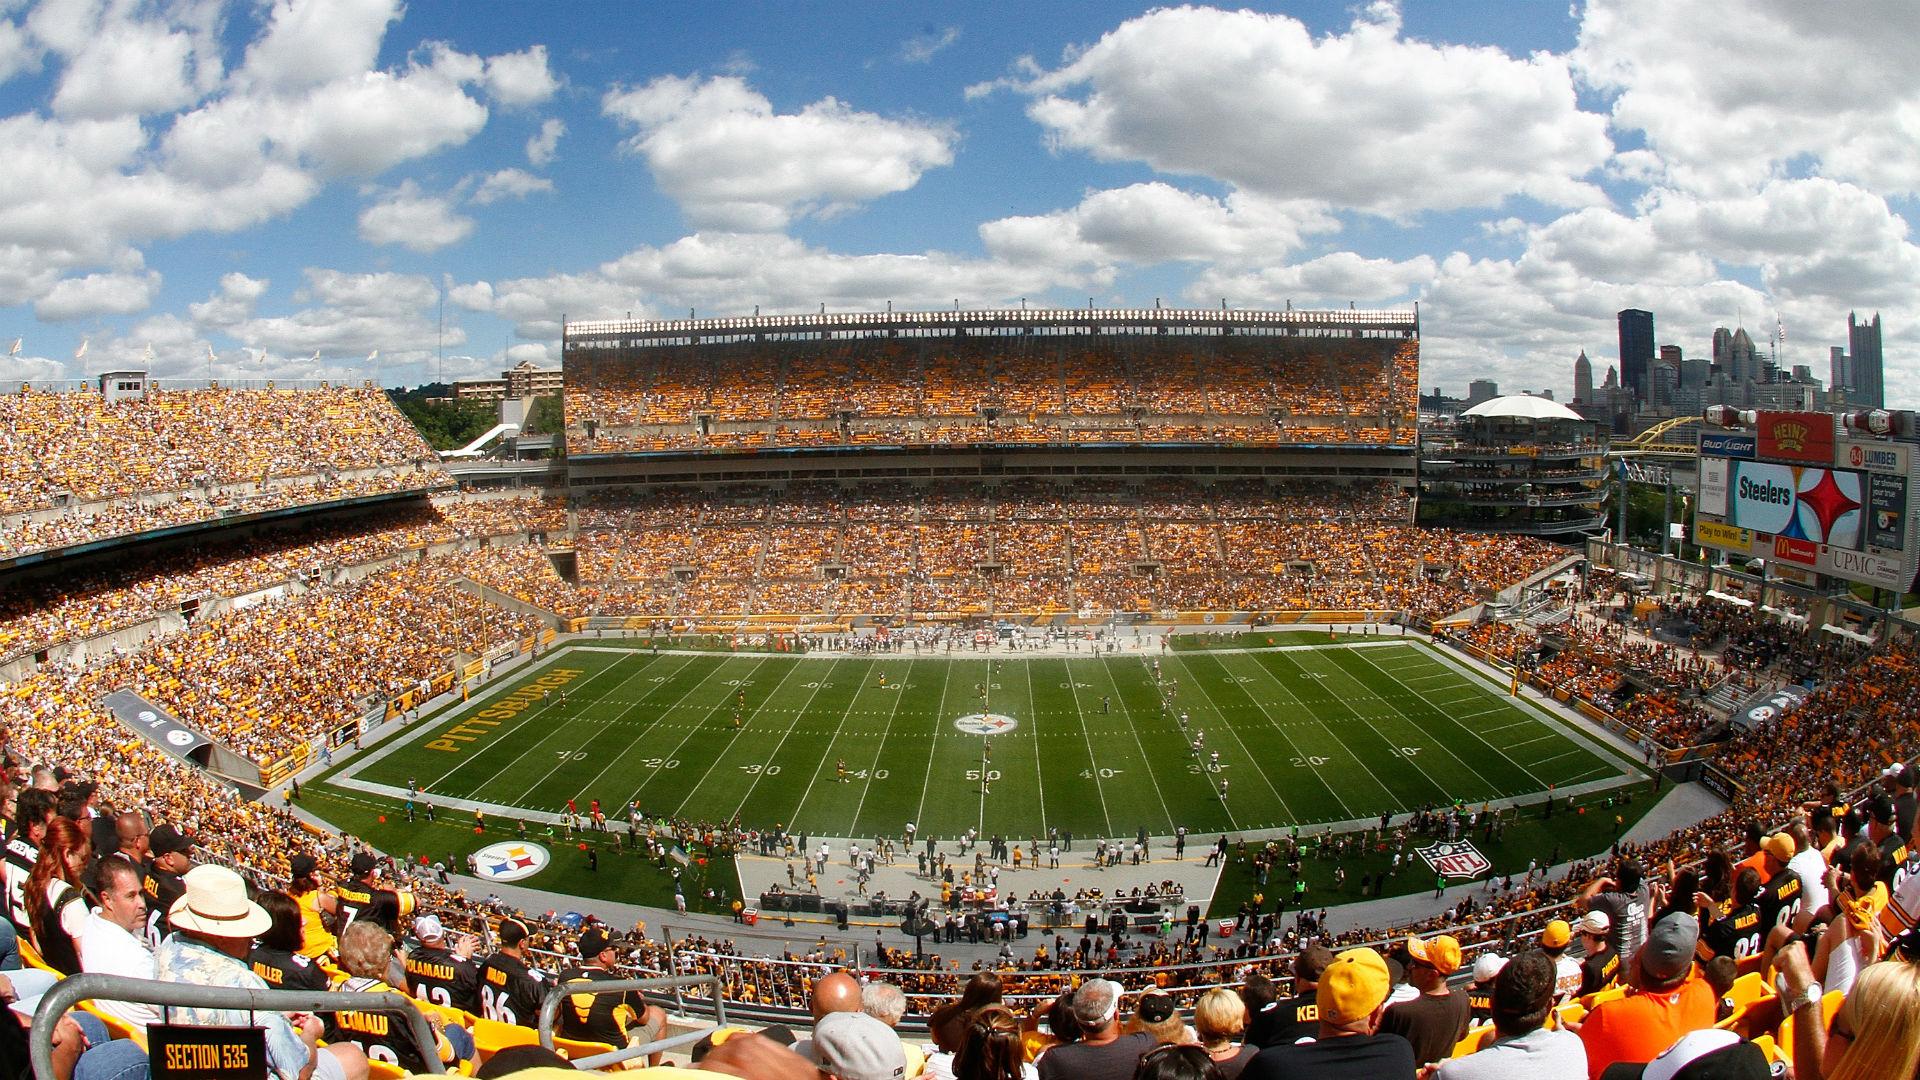 Le Heinz Field rempli de fans aux couleurs des Steelers (Getty)